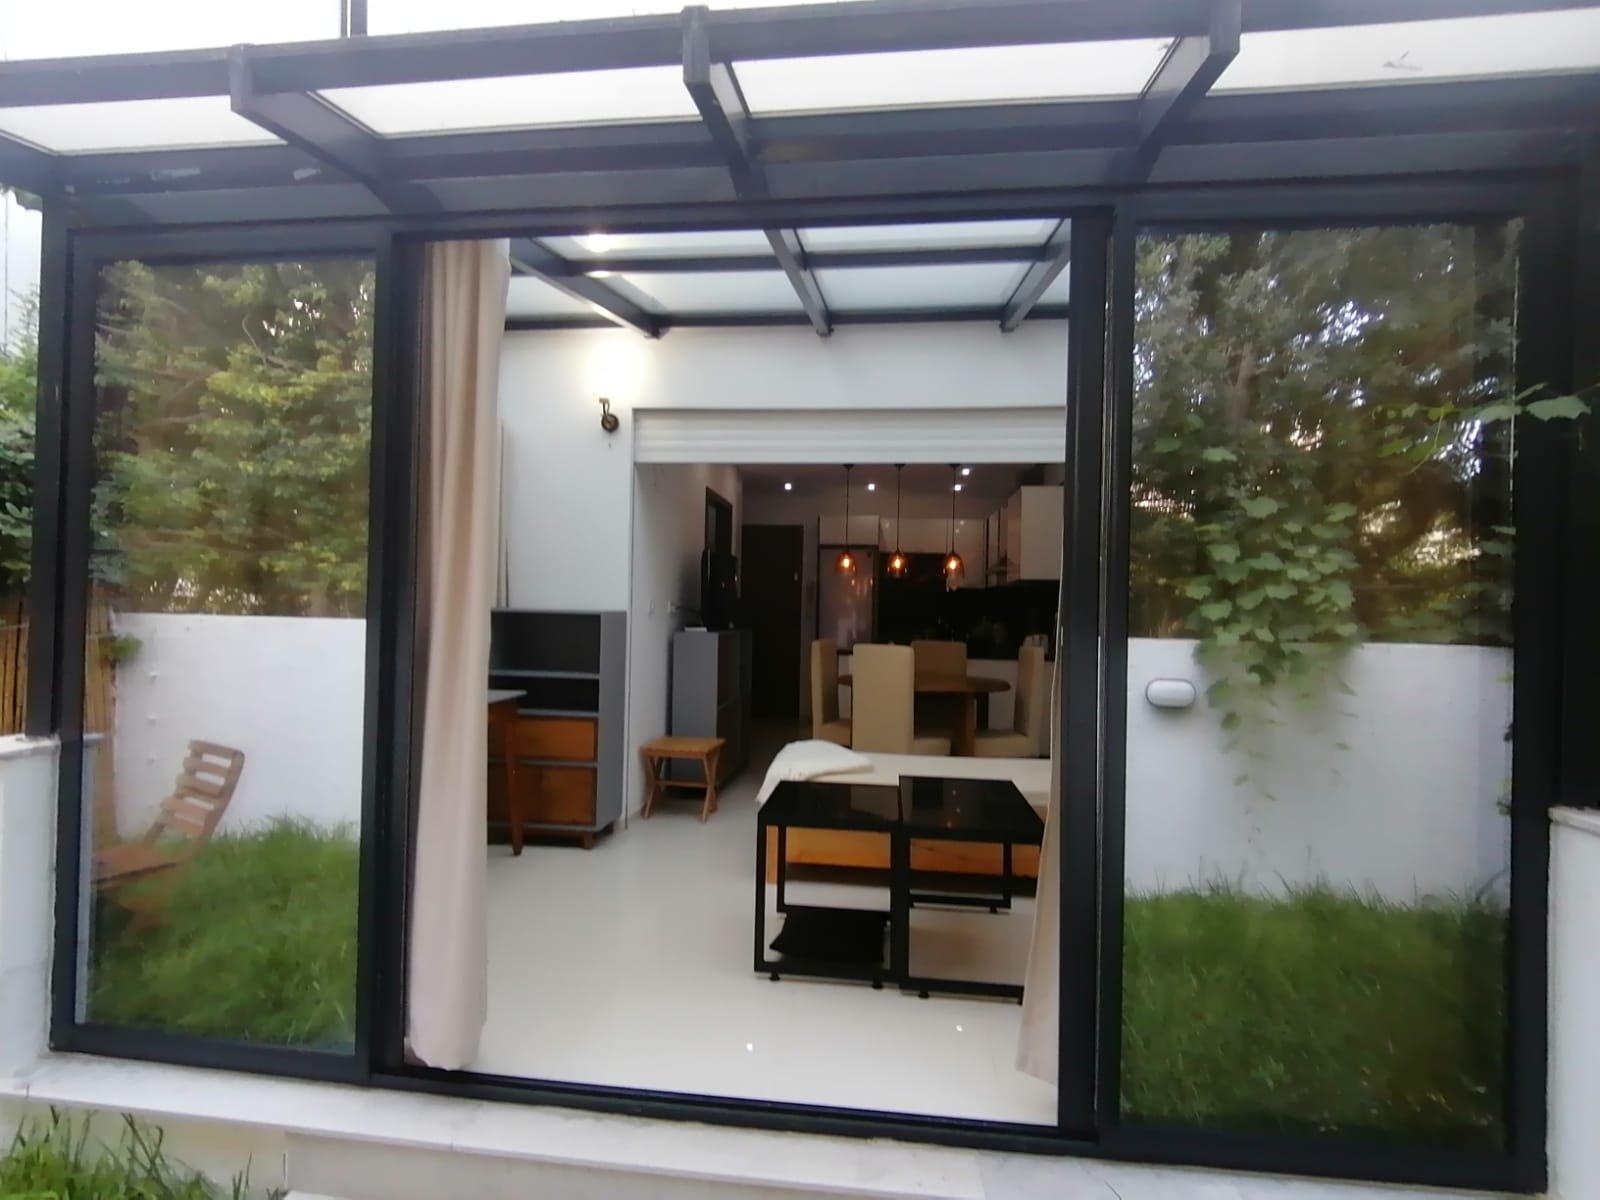 Location d'un s+1 richement meublé a La Marsa avec jardin